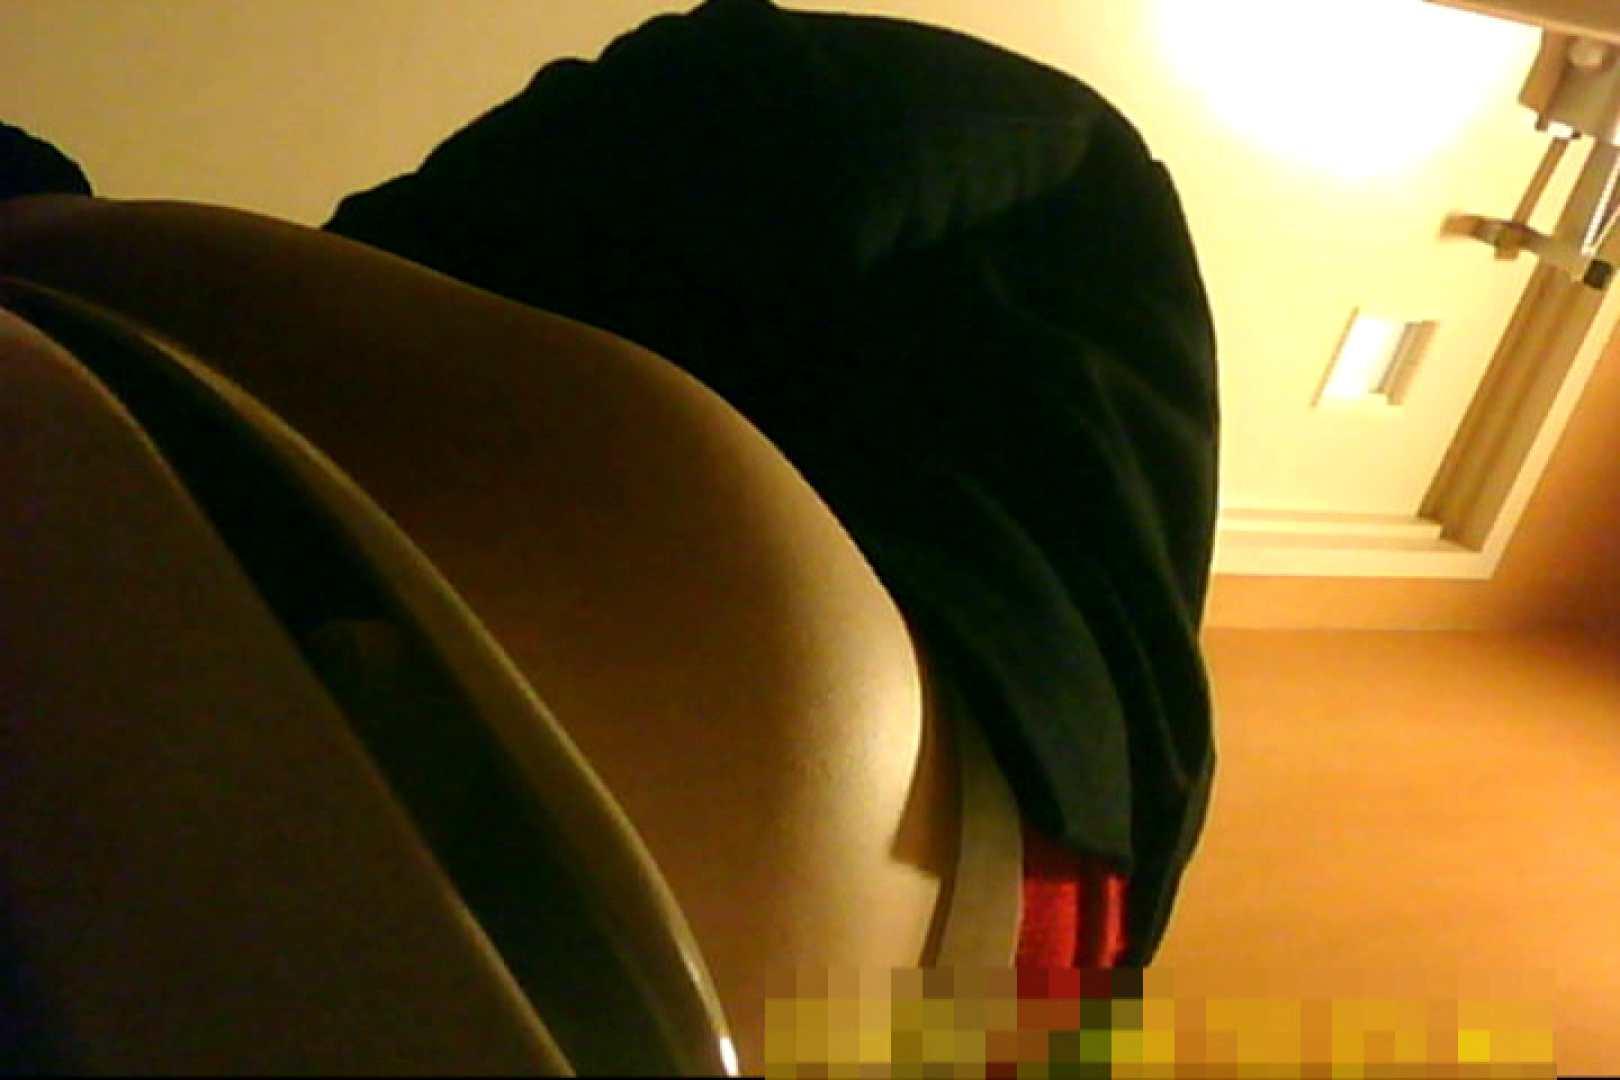 セックスアダルト動画|魅惑の化粧室~禁断のプライベート空間~15|大奥